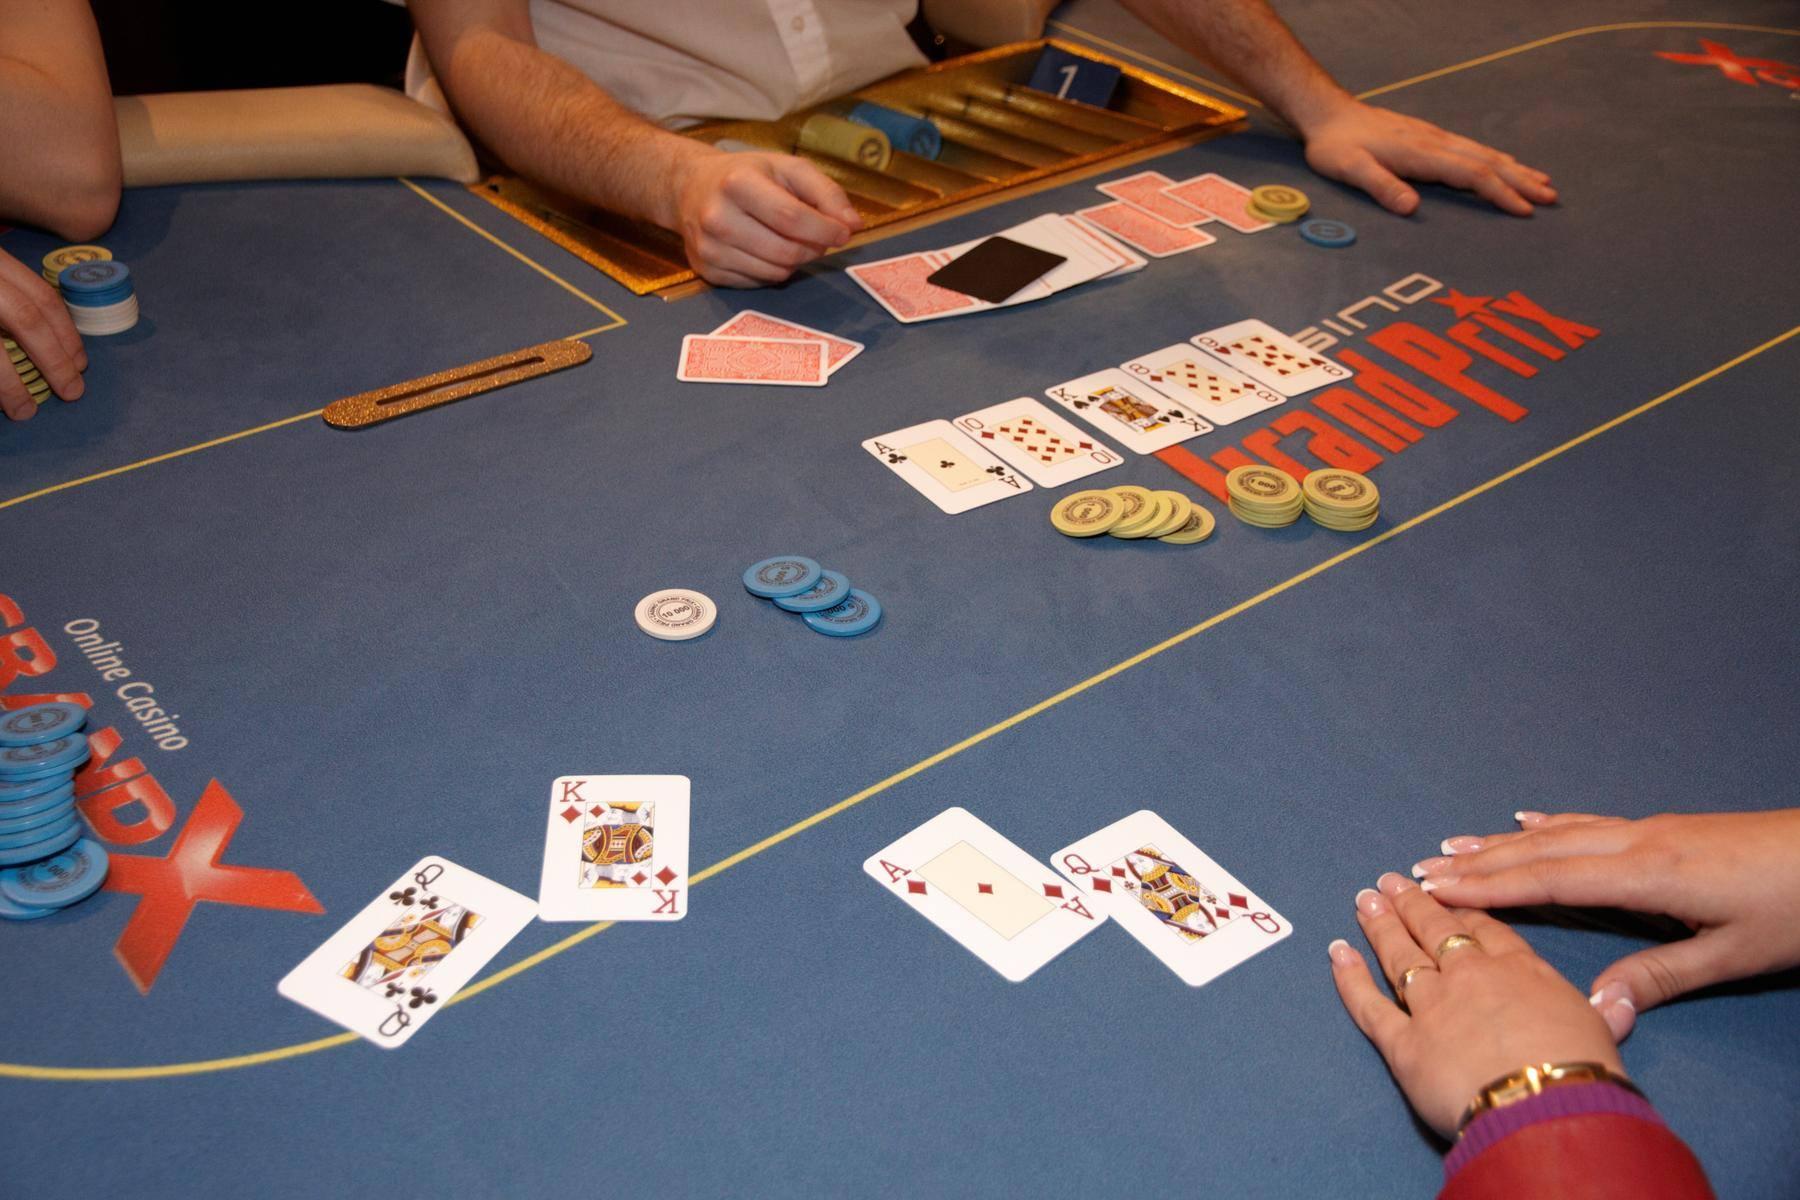 Casino Grand Prix korraldab kaks satelliitturniiri Pärnu lahtistele meistrivõistlustele 101